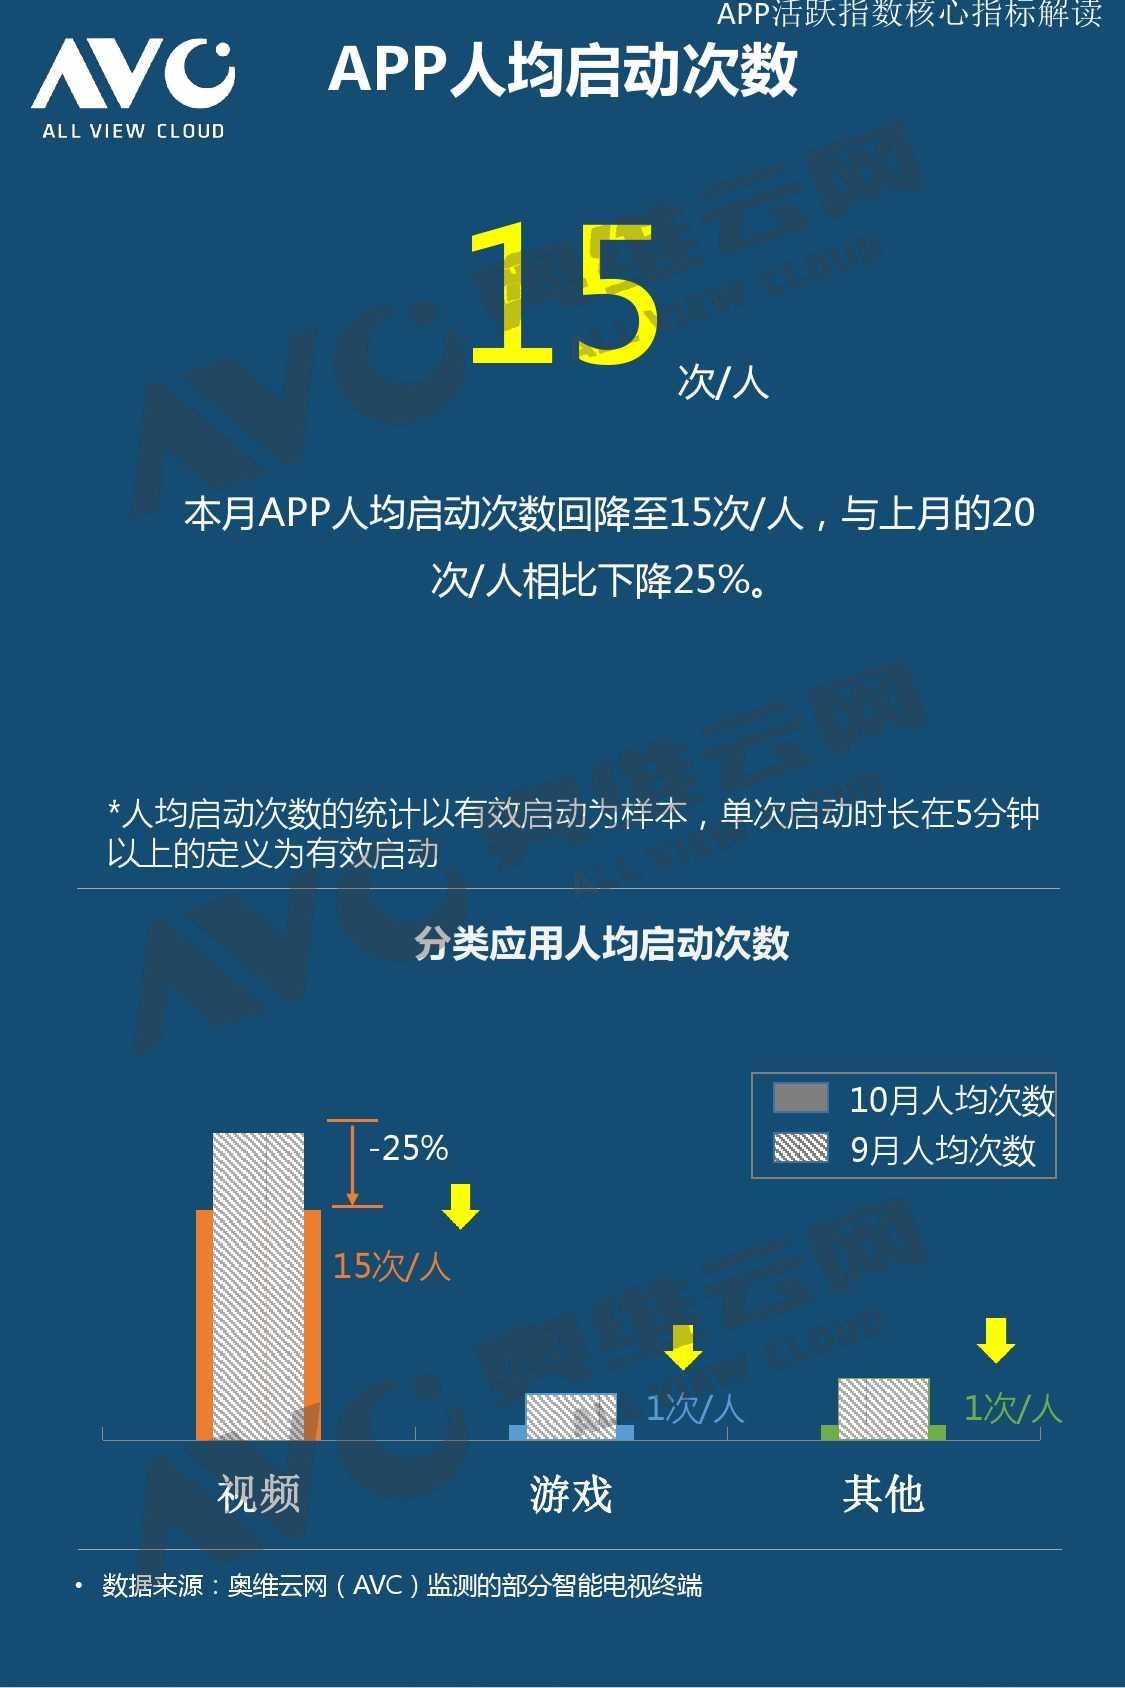 奥维云网:2015年10月份中国OTT发展研究_000009